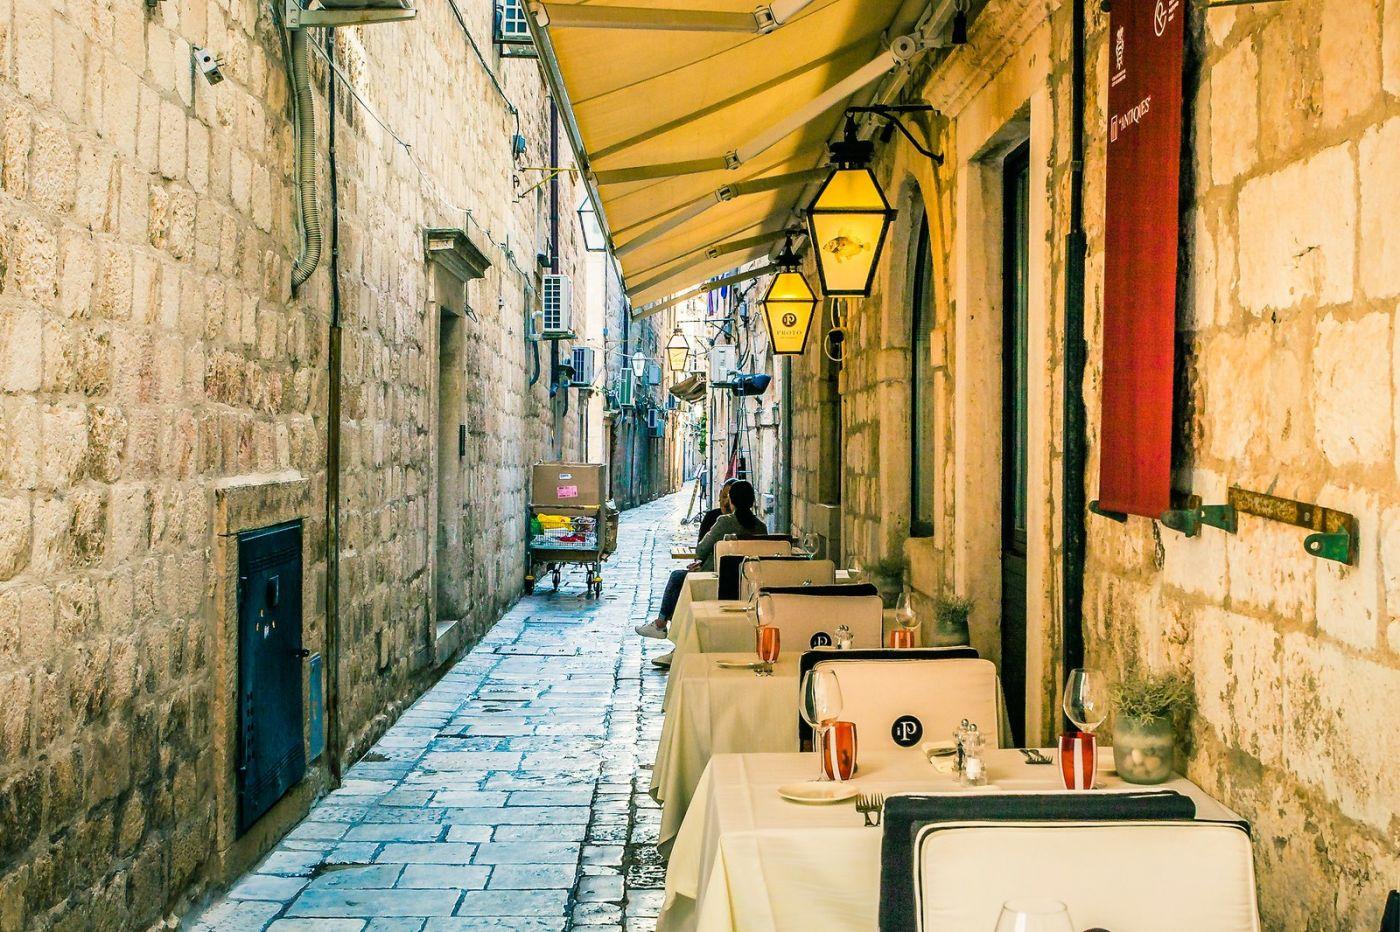 克罗地亚杜布罗夫尼克(Dubrovnik),古城小巷_图1-19